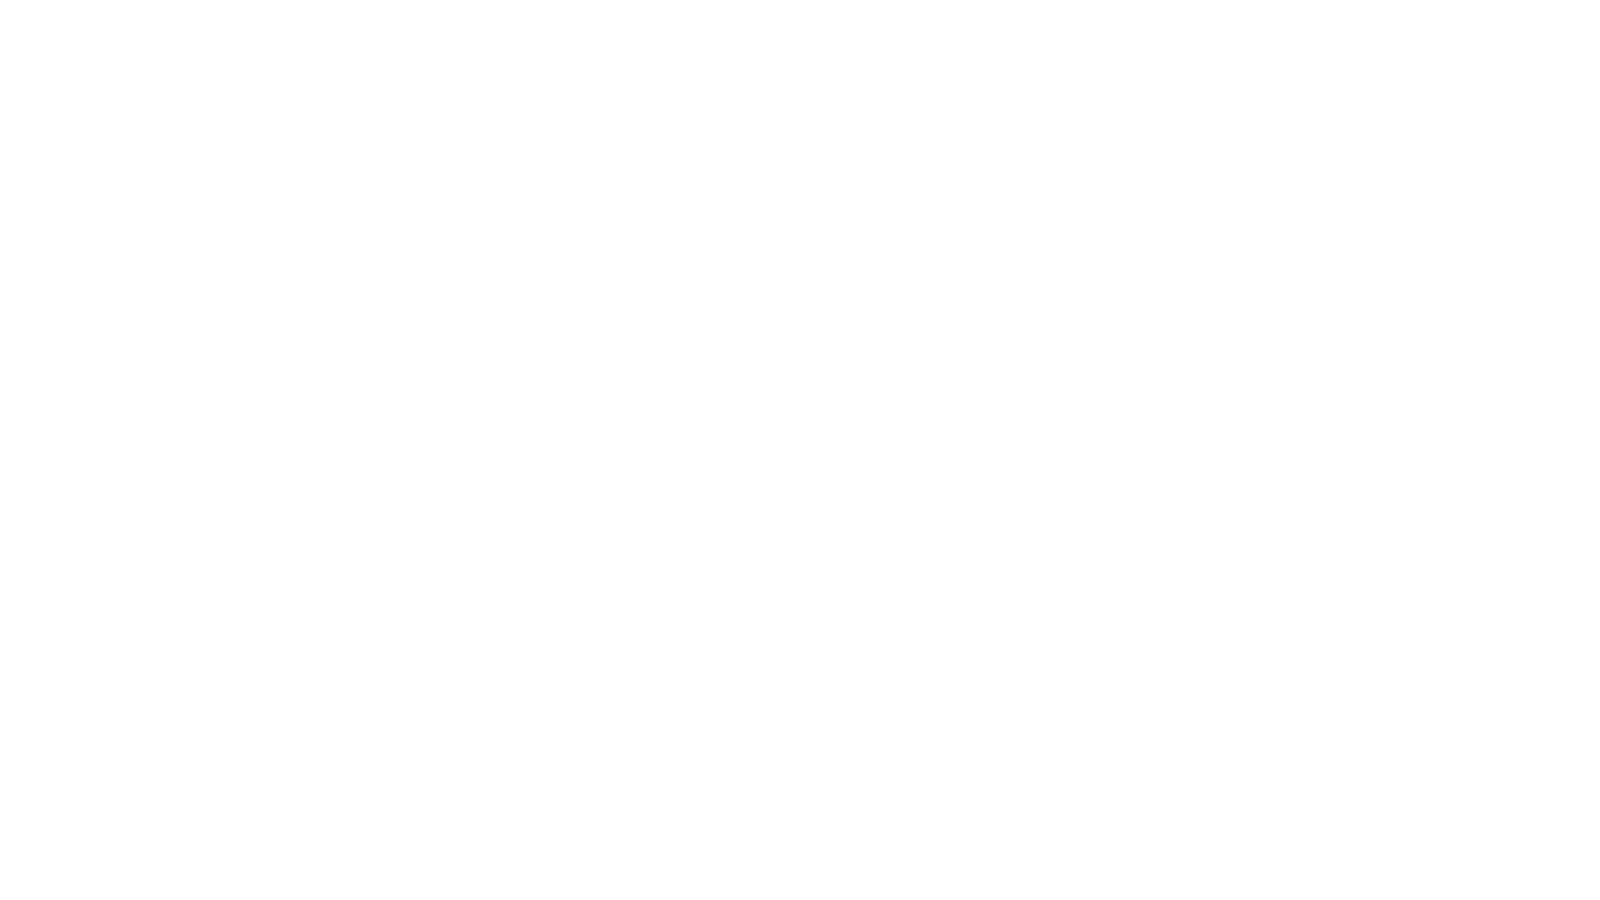 【事業再構築補助金】 新分野展開・業態転換などに挑戦する企業等の支援に、補助額100万円から1億円、補助率1/3~2/3の補助を受けられる公的補助金の最新情報です。  参考 経済産業省 事業再構築補助金の概要(中小企業等事業再構築促進事業 令和3年2月15日 中小企業庁)  【解説者】 アルコ(中小企業診断士VTuber) 認定経営革新等支援機関 アアル株式会社 https://aalinc.jp